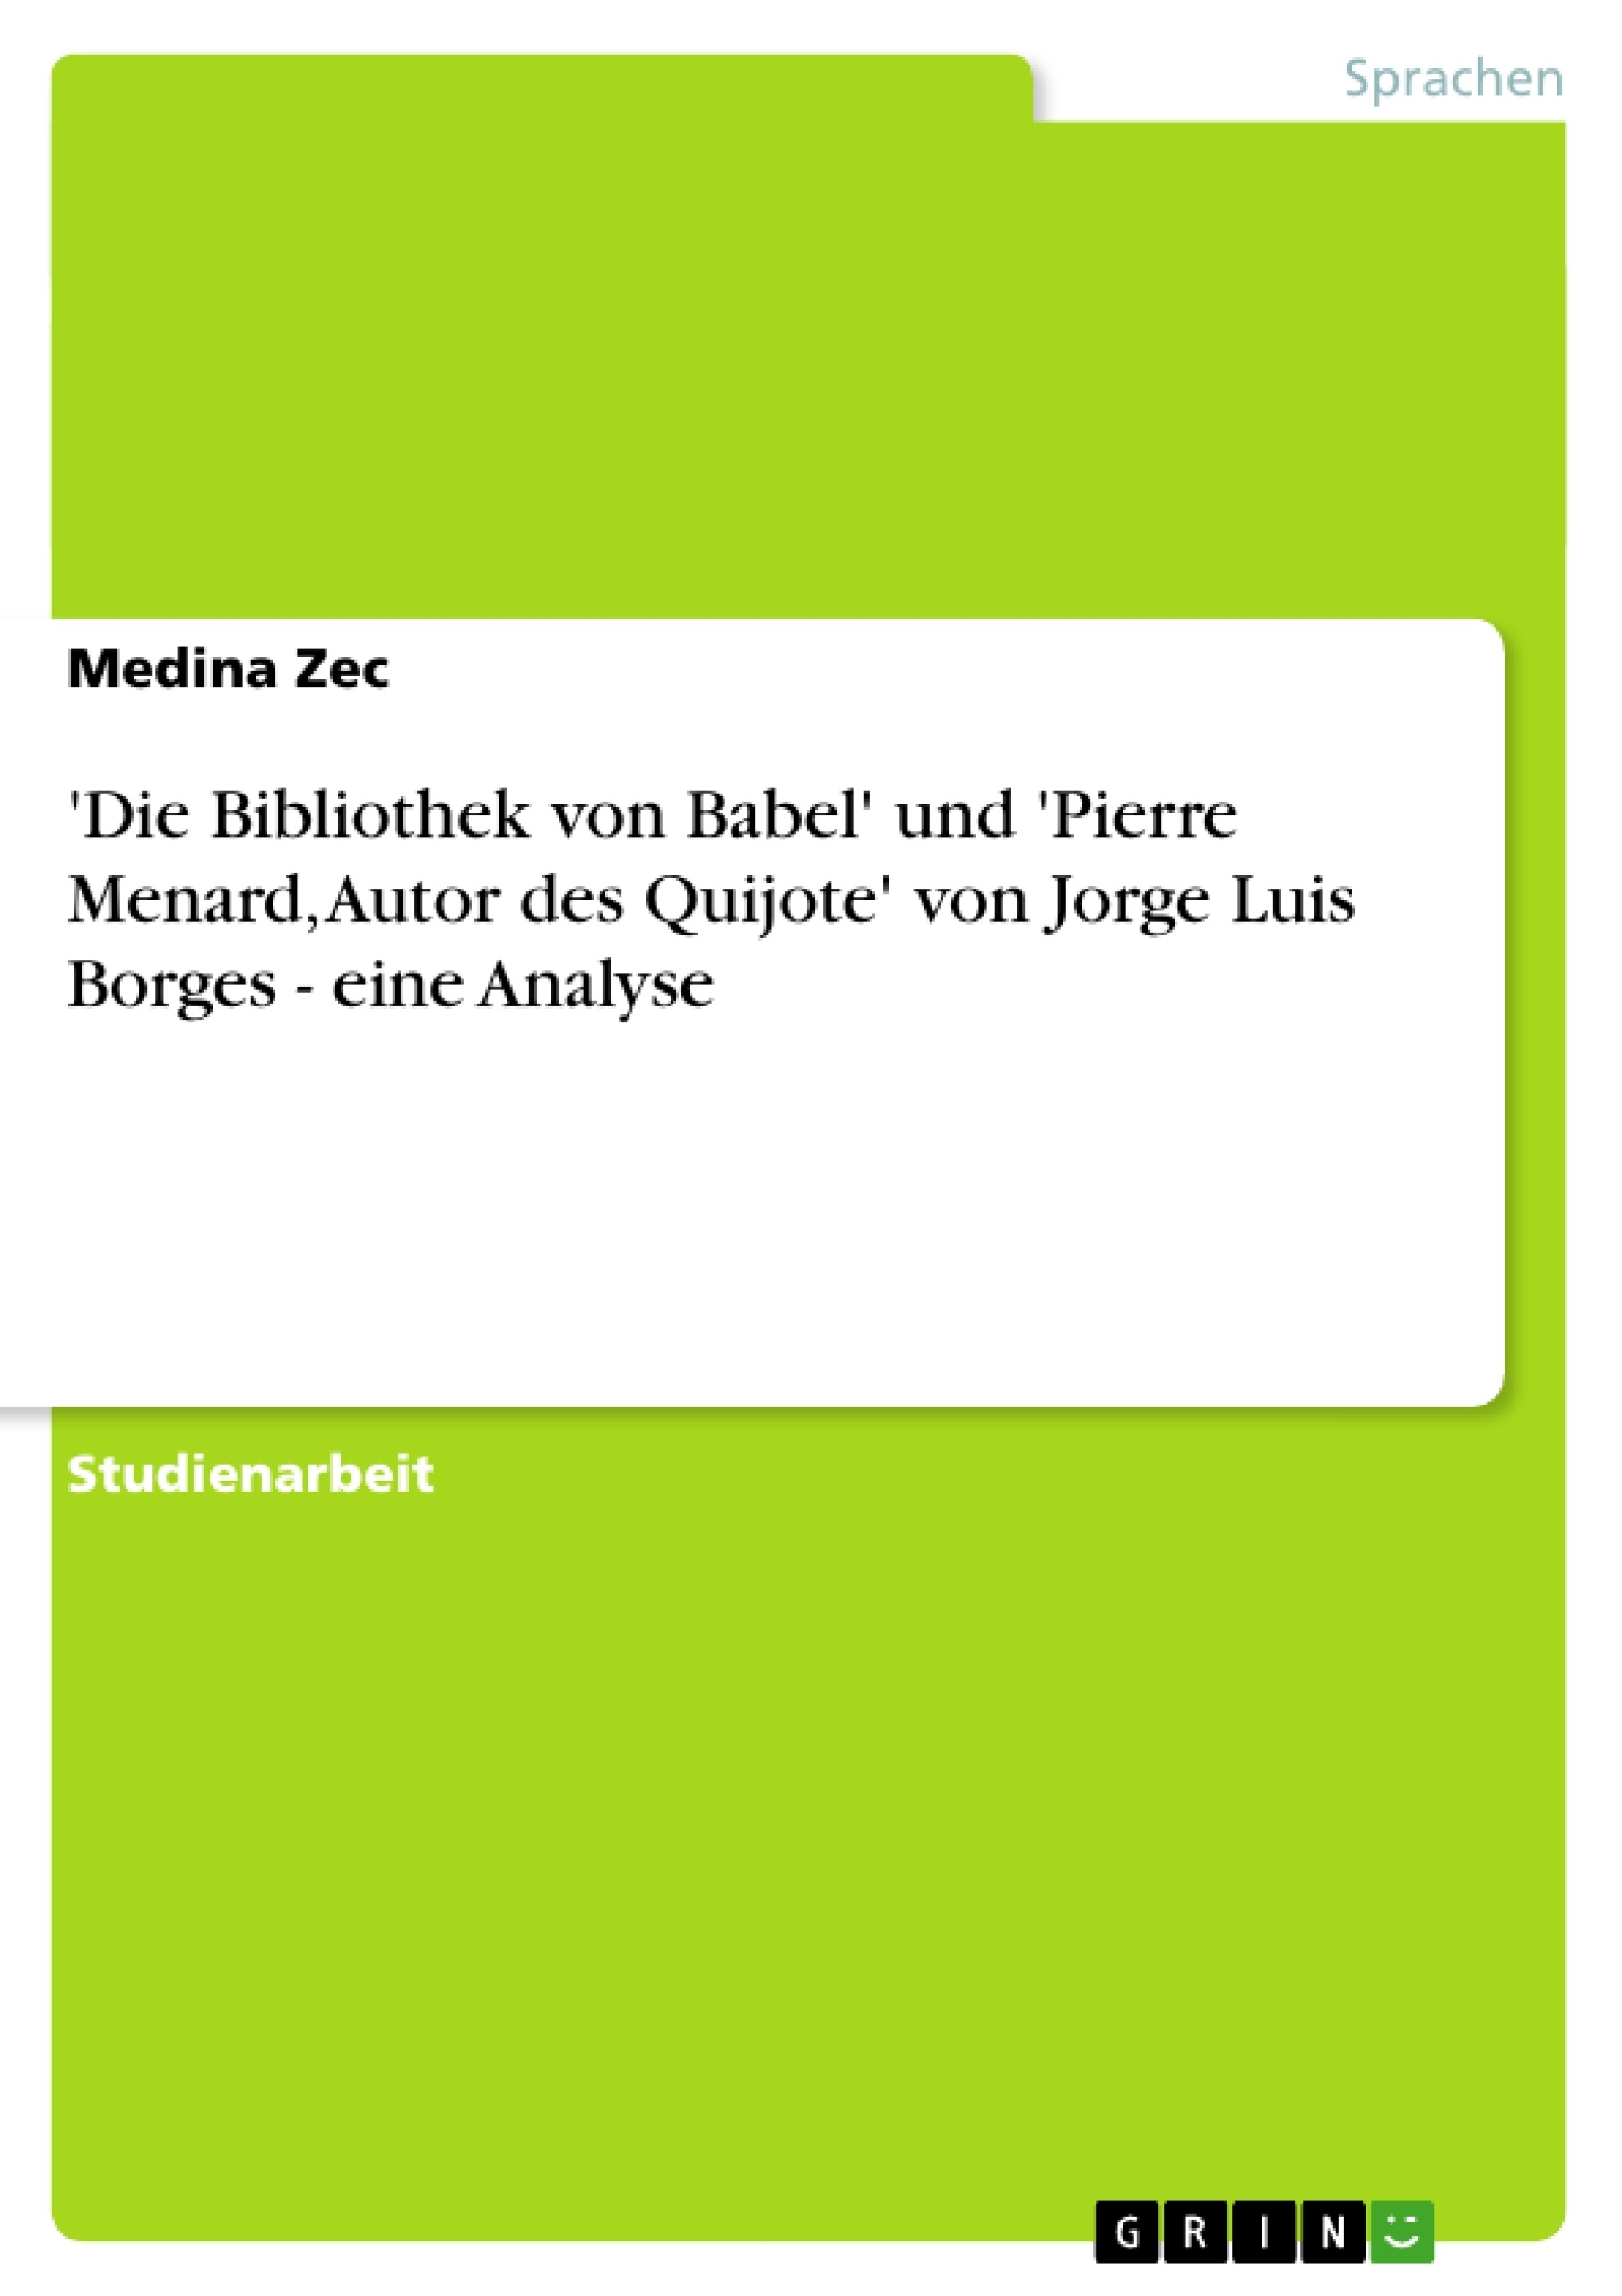 Titel: 'Die Bibliothek von Babel' und 'Pierre Menard, Autor des Quijote' von Jorge Luis Borges - eine Analyse